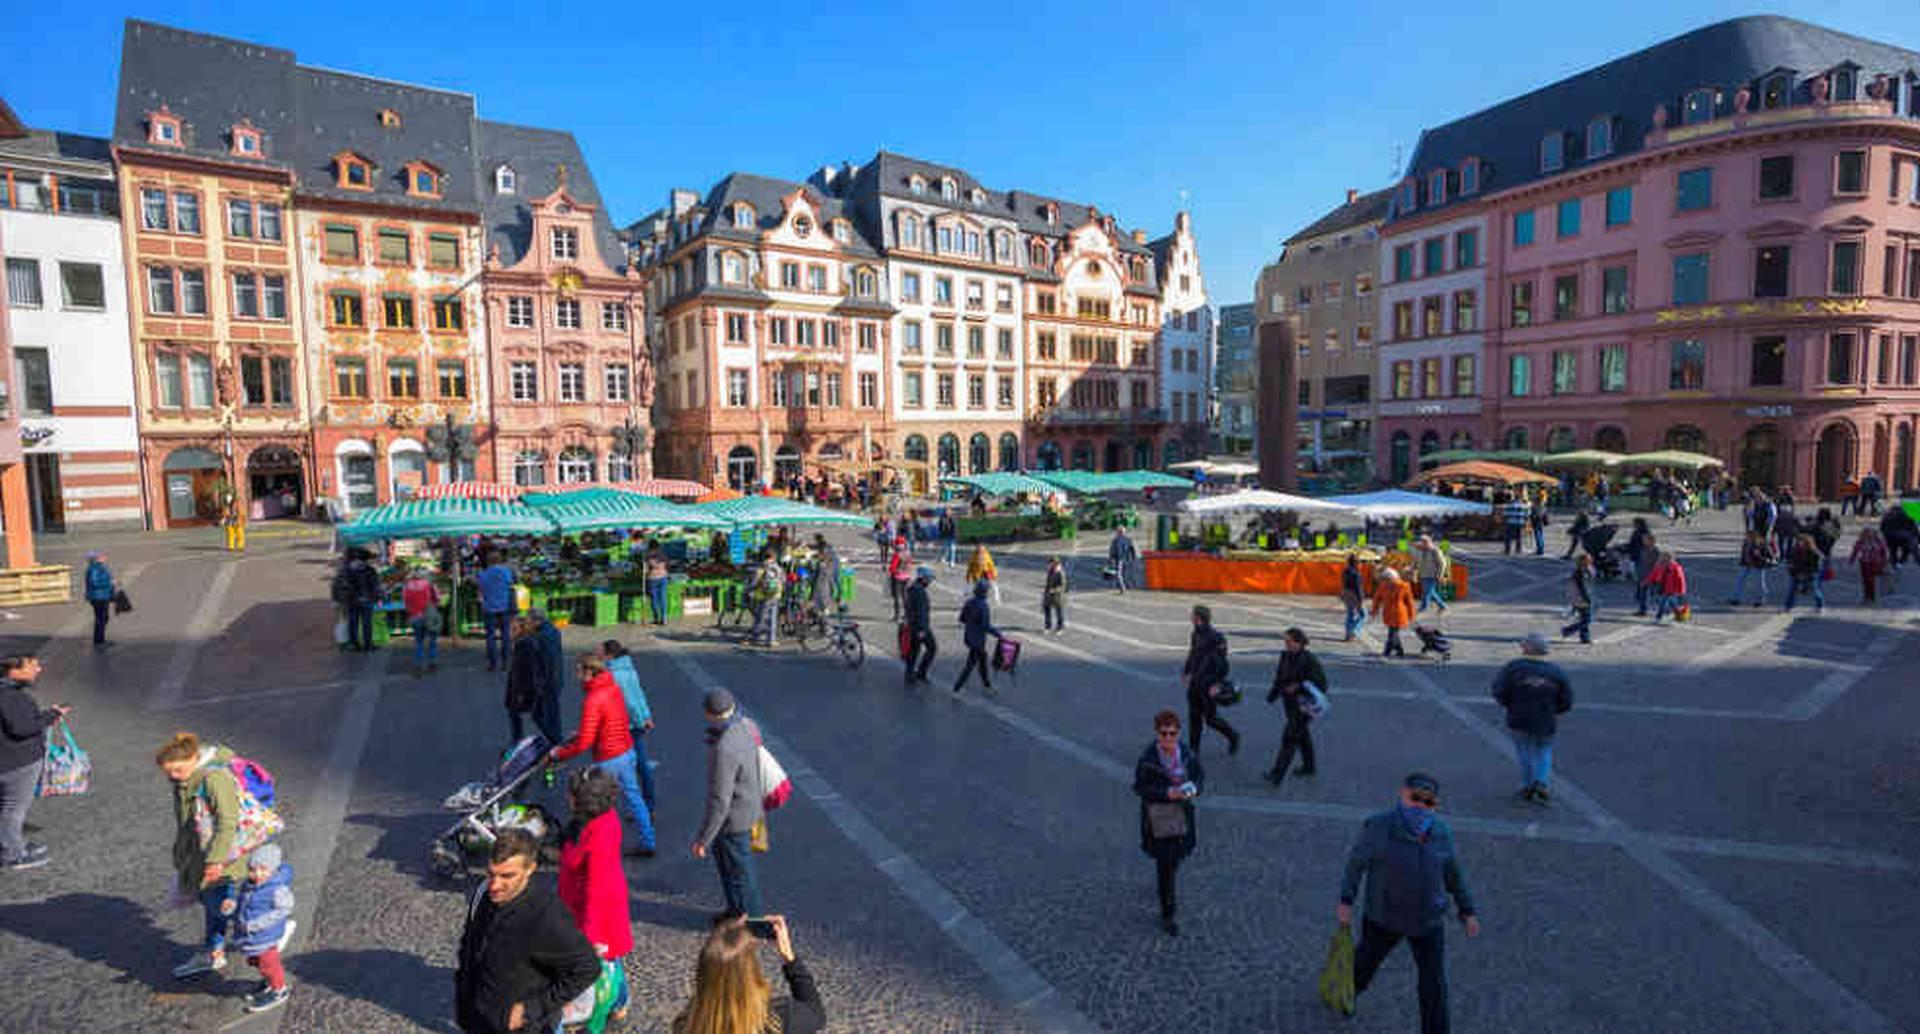 Calles de Alemania